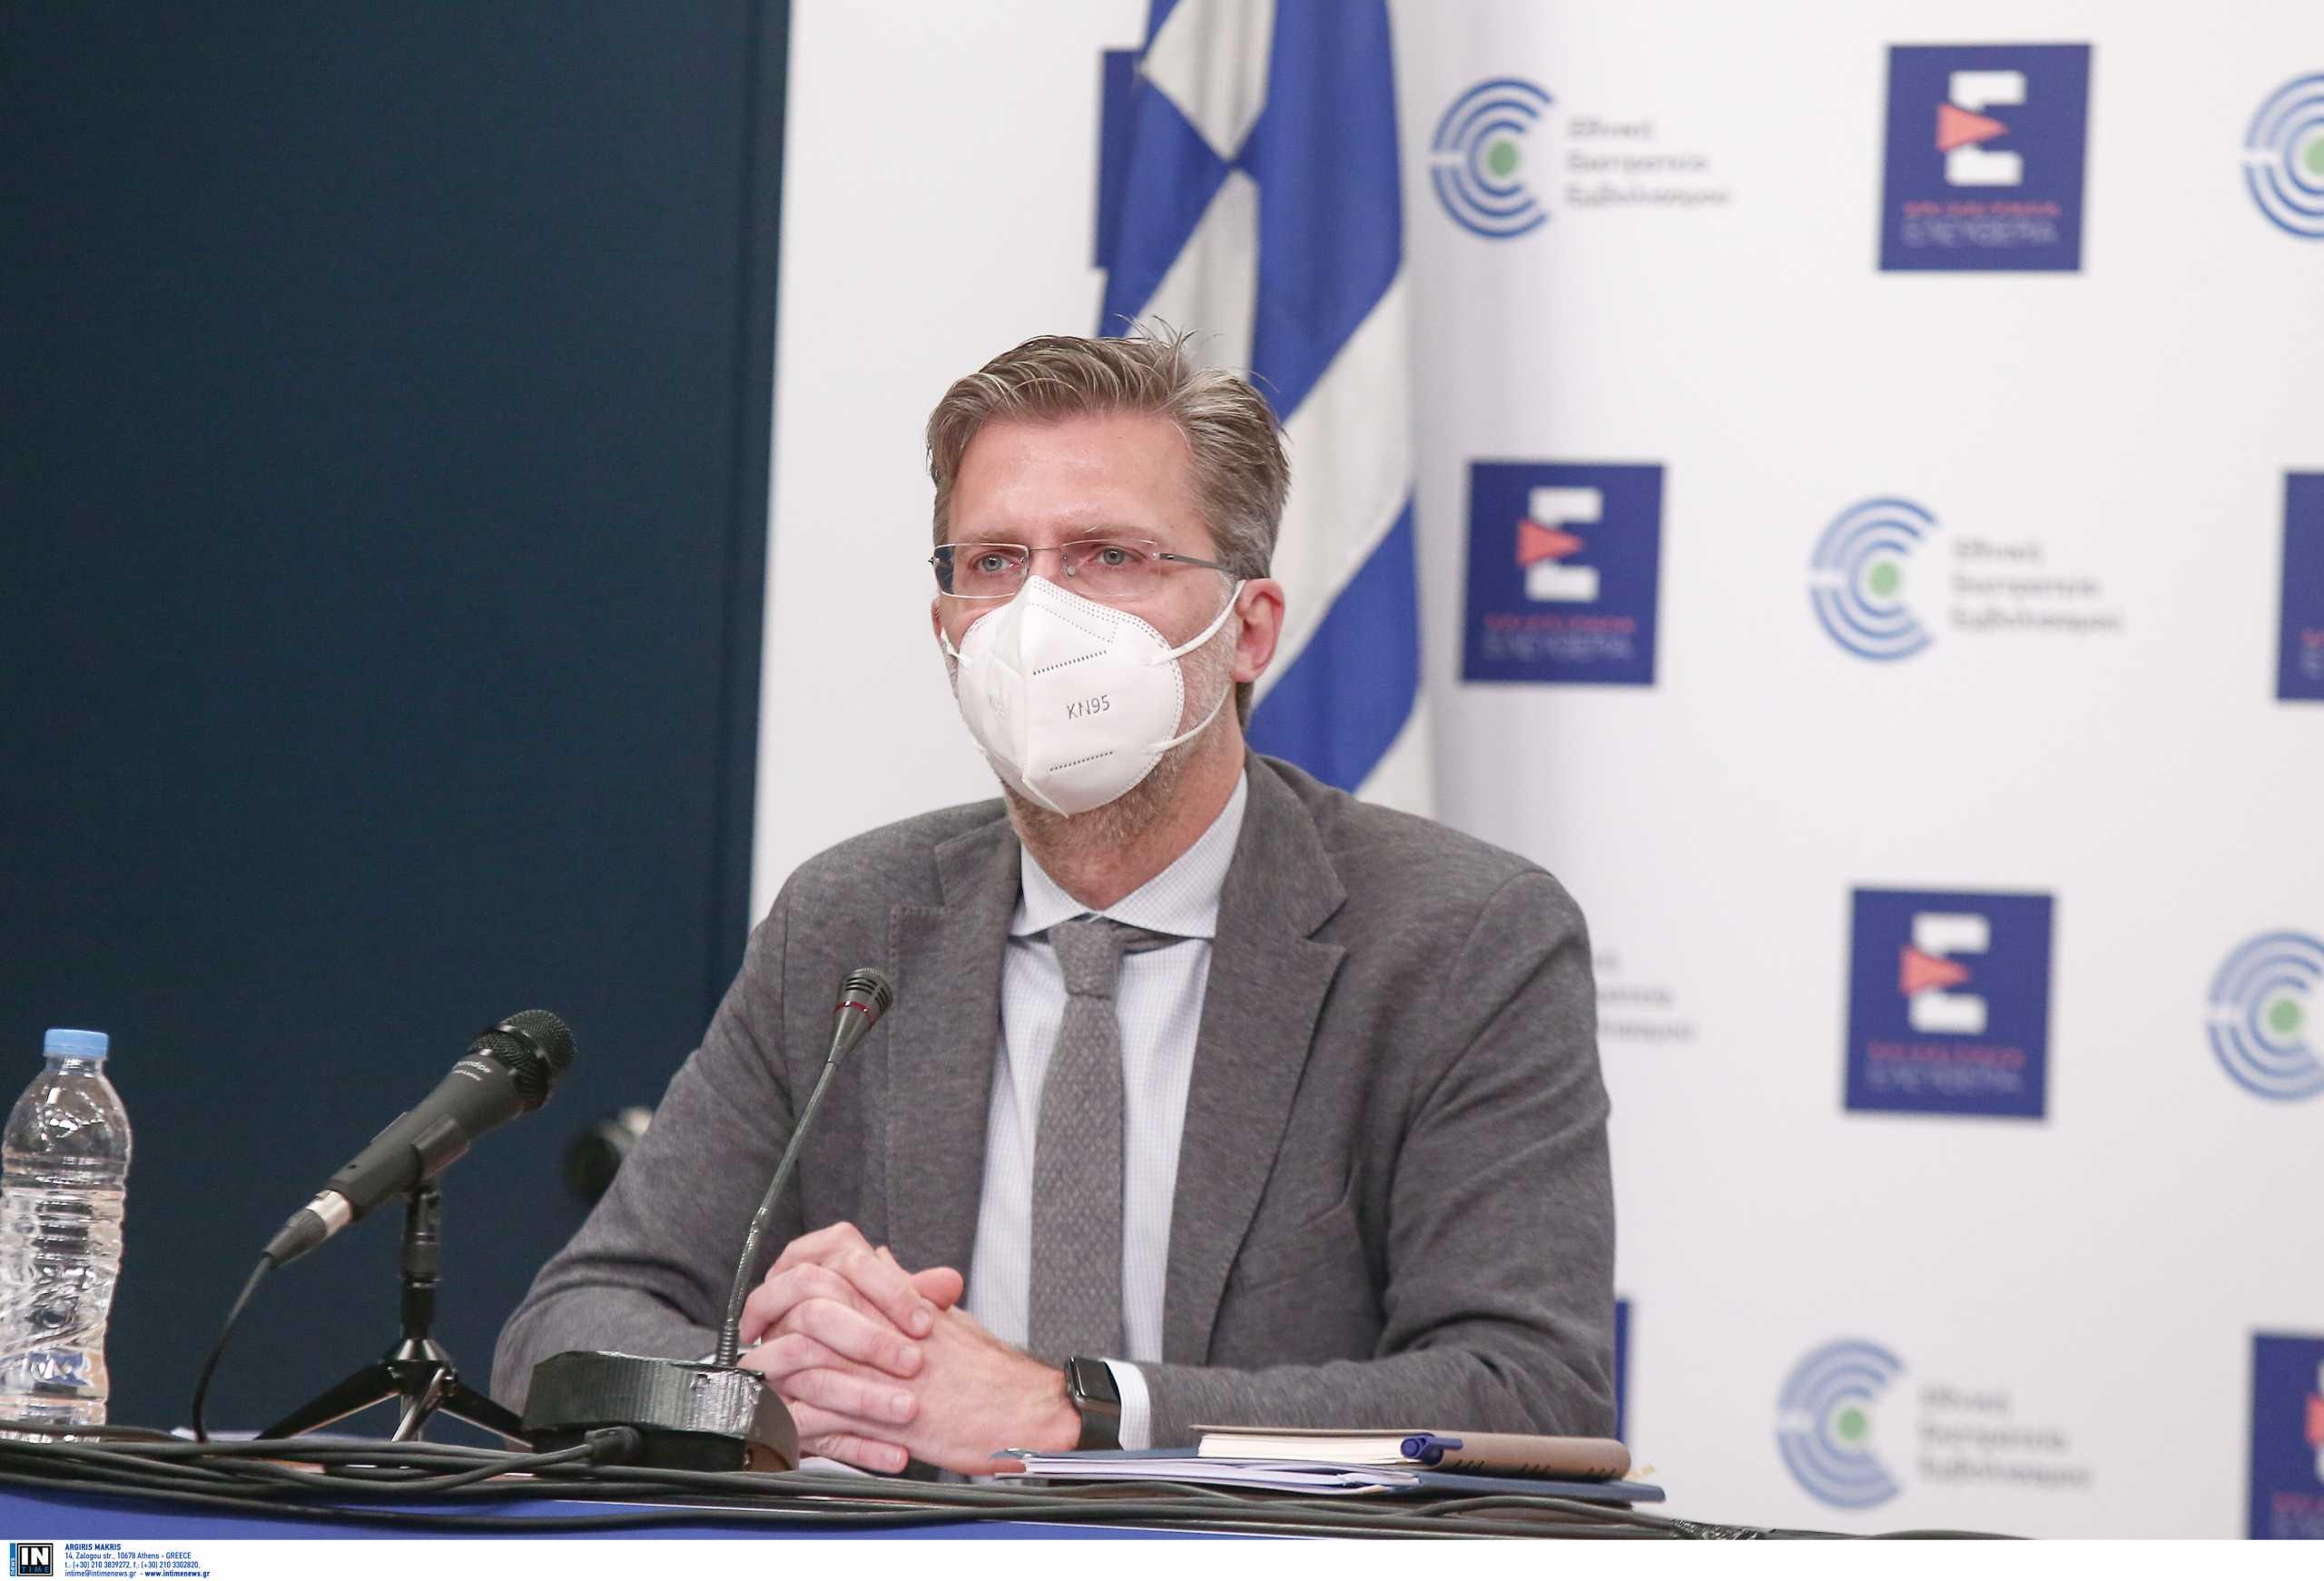 Σκέρτσος: Ο ΣΥΡΙΖΑ συμπεριφέρεται σαν να μην θέλει να τελειώσει η πανδημία